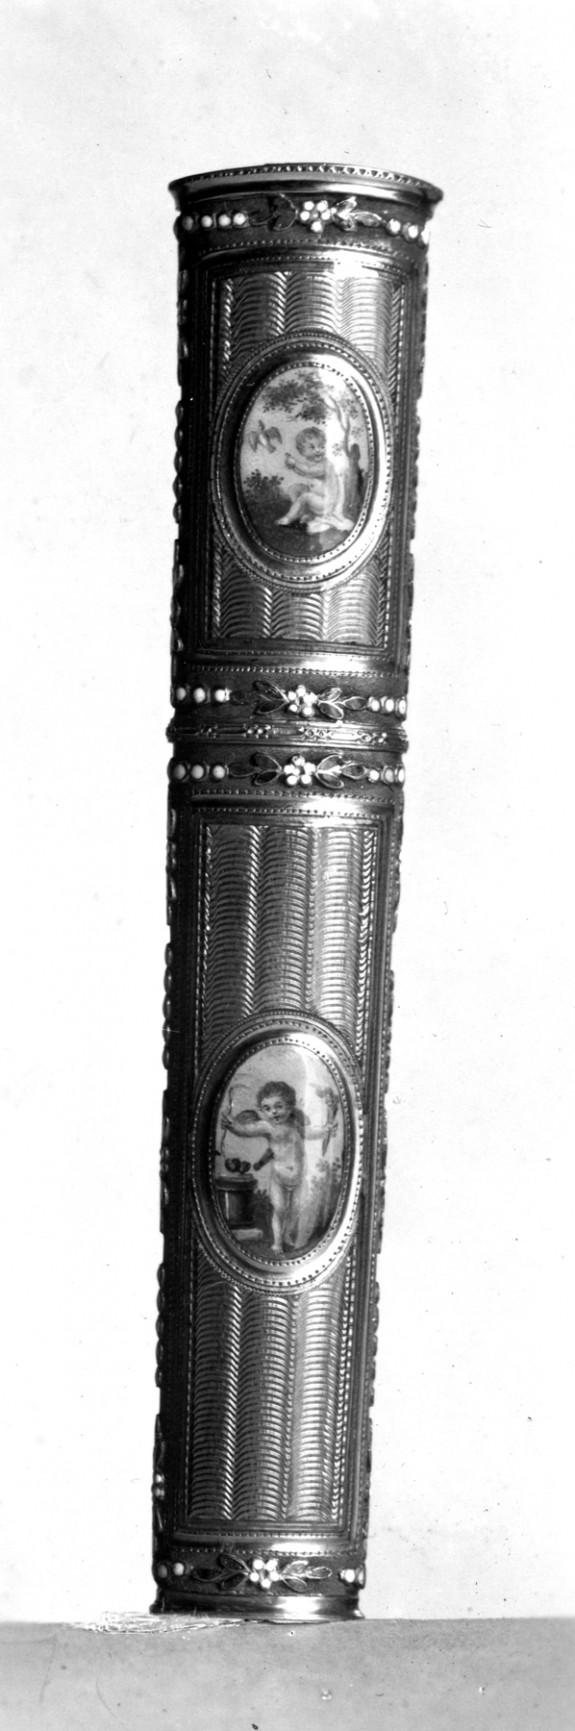 Bodkin Case